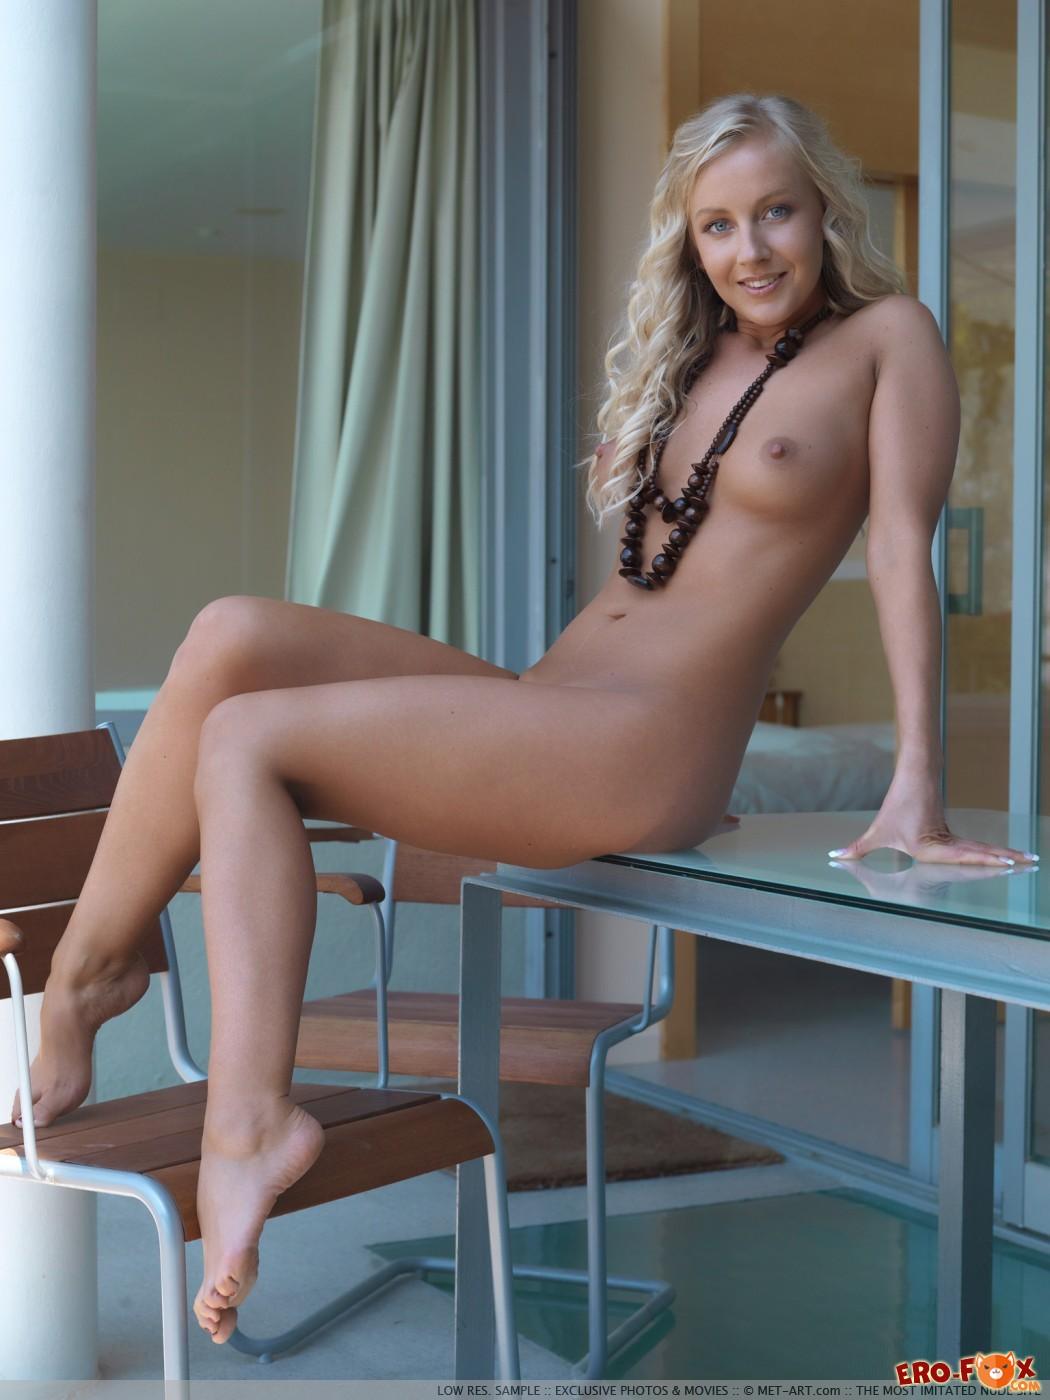 Раздвинув ноги блондинка показывает бритую письку - фото